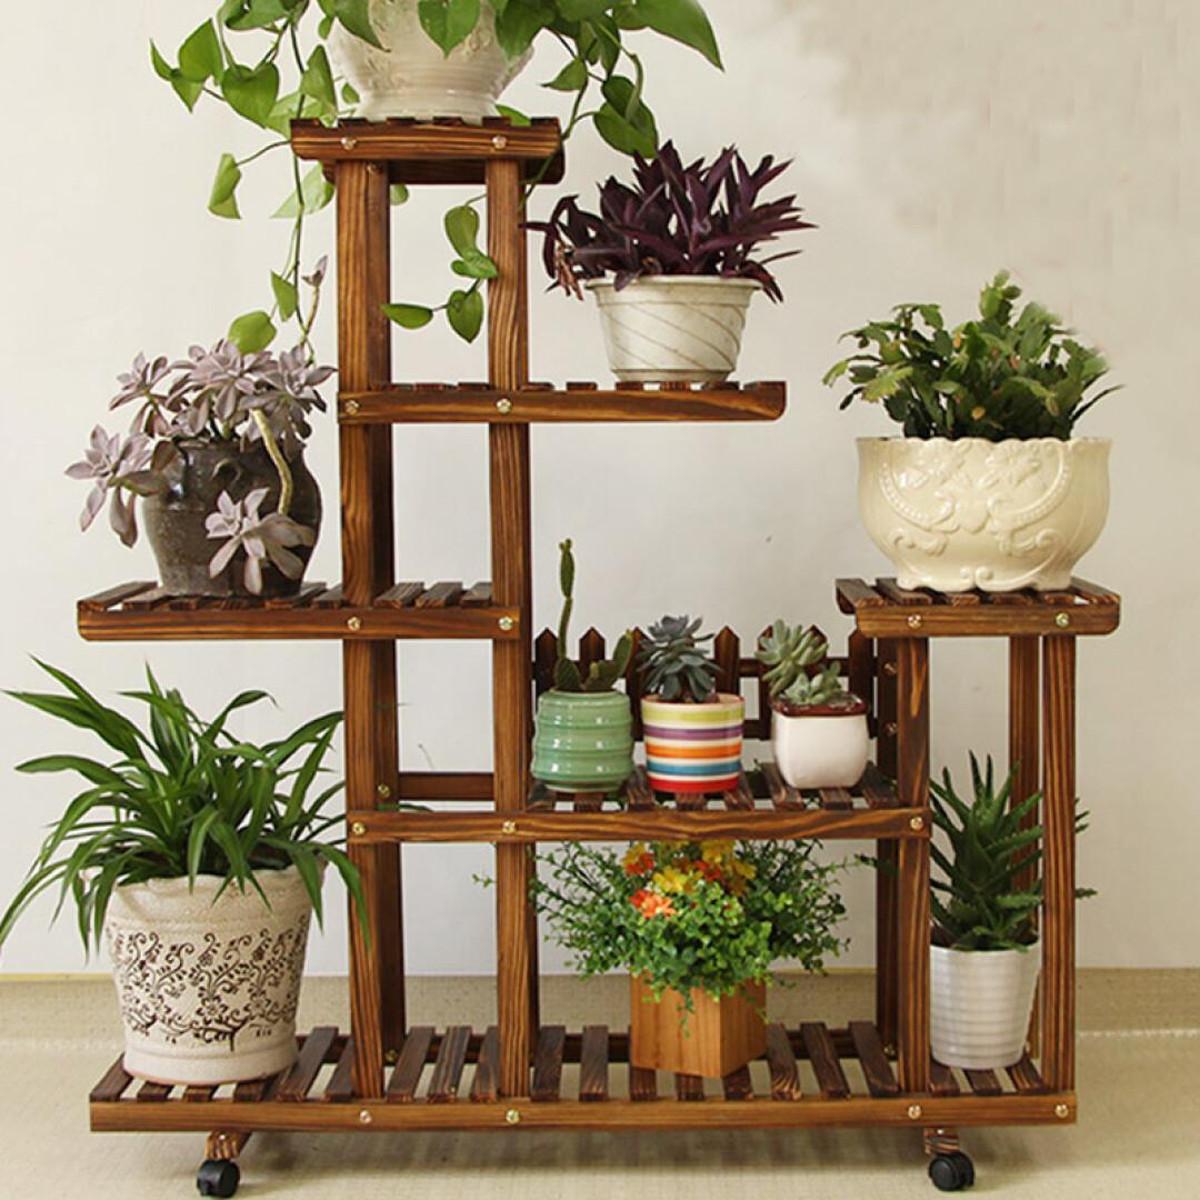 New Pine Wooden Plant Stand Indoor Outdoor Garden Planter